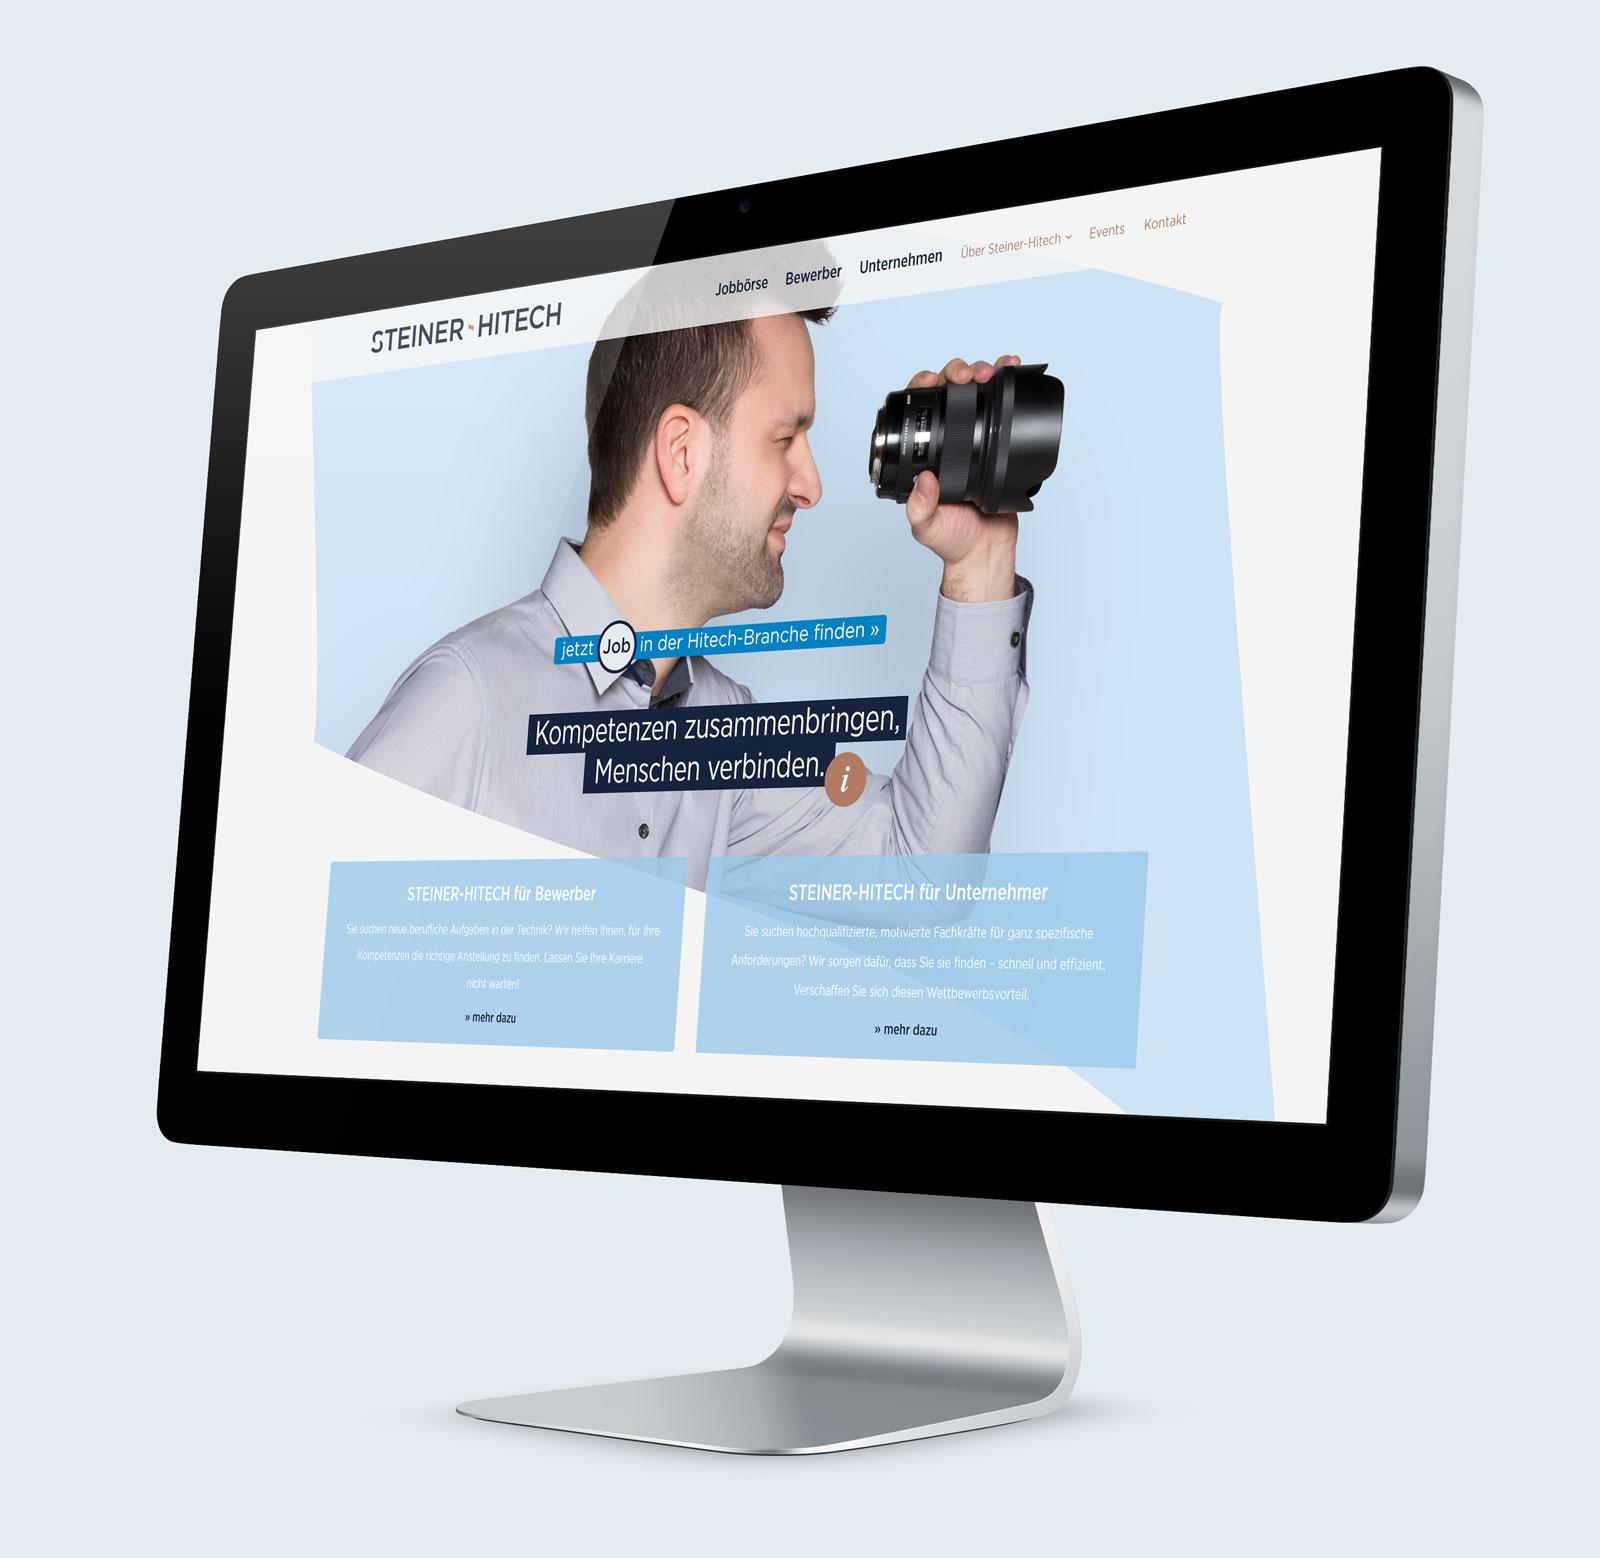 Steiner-Hitech Website Display 01